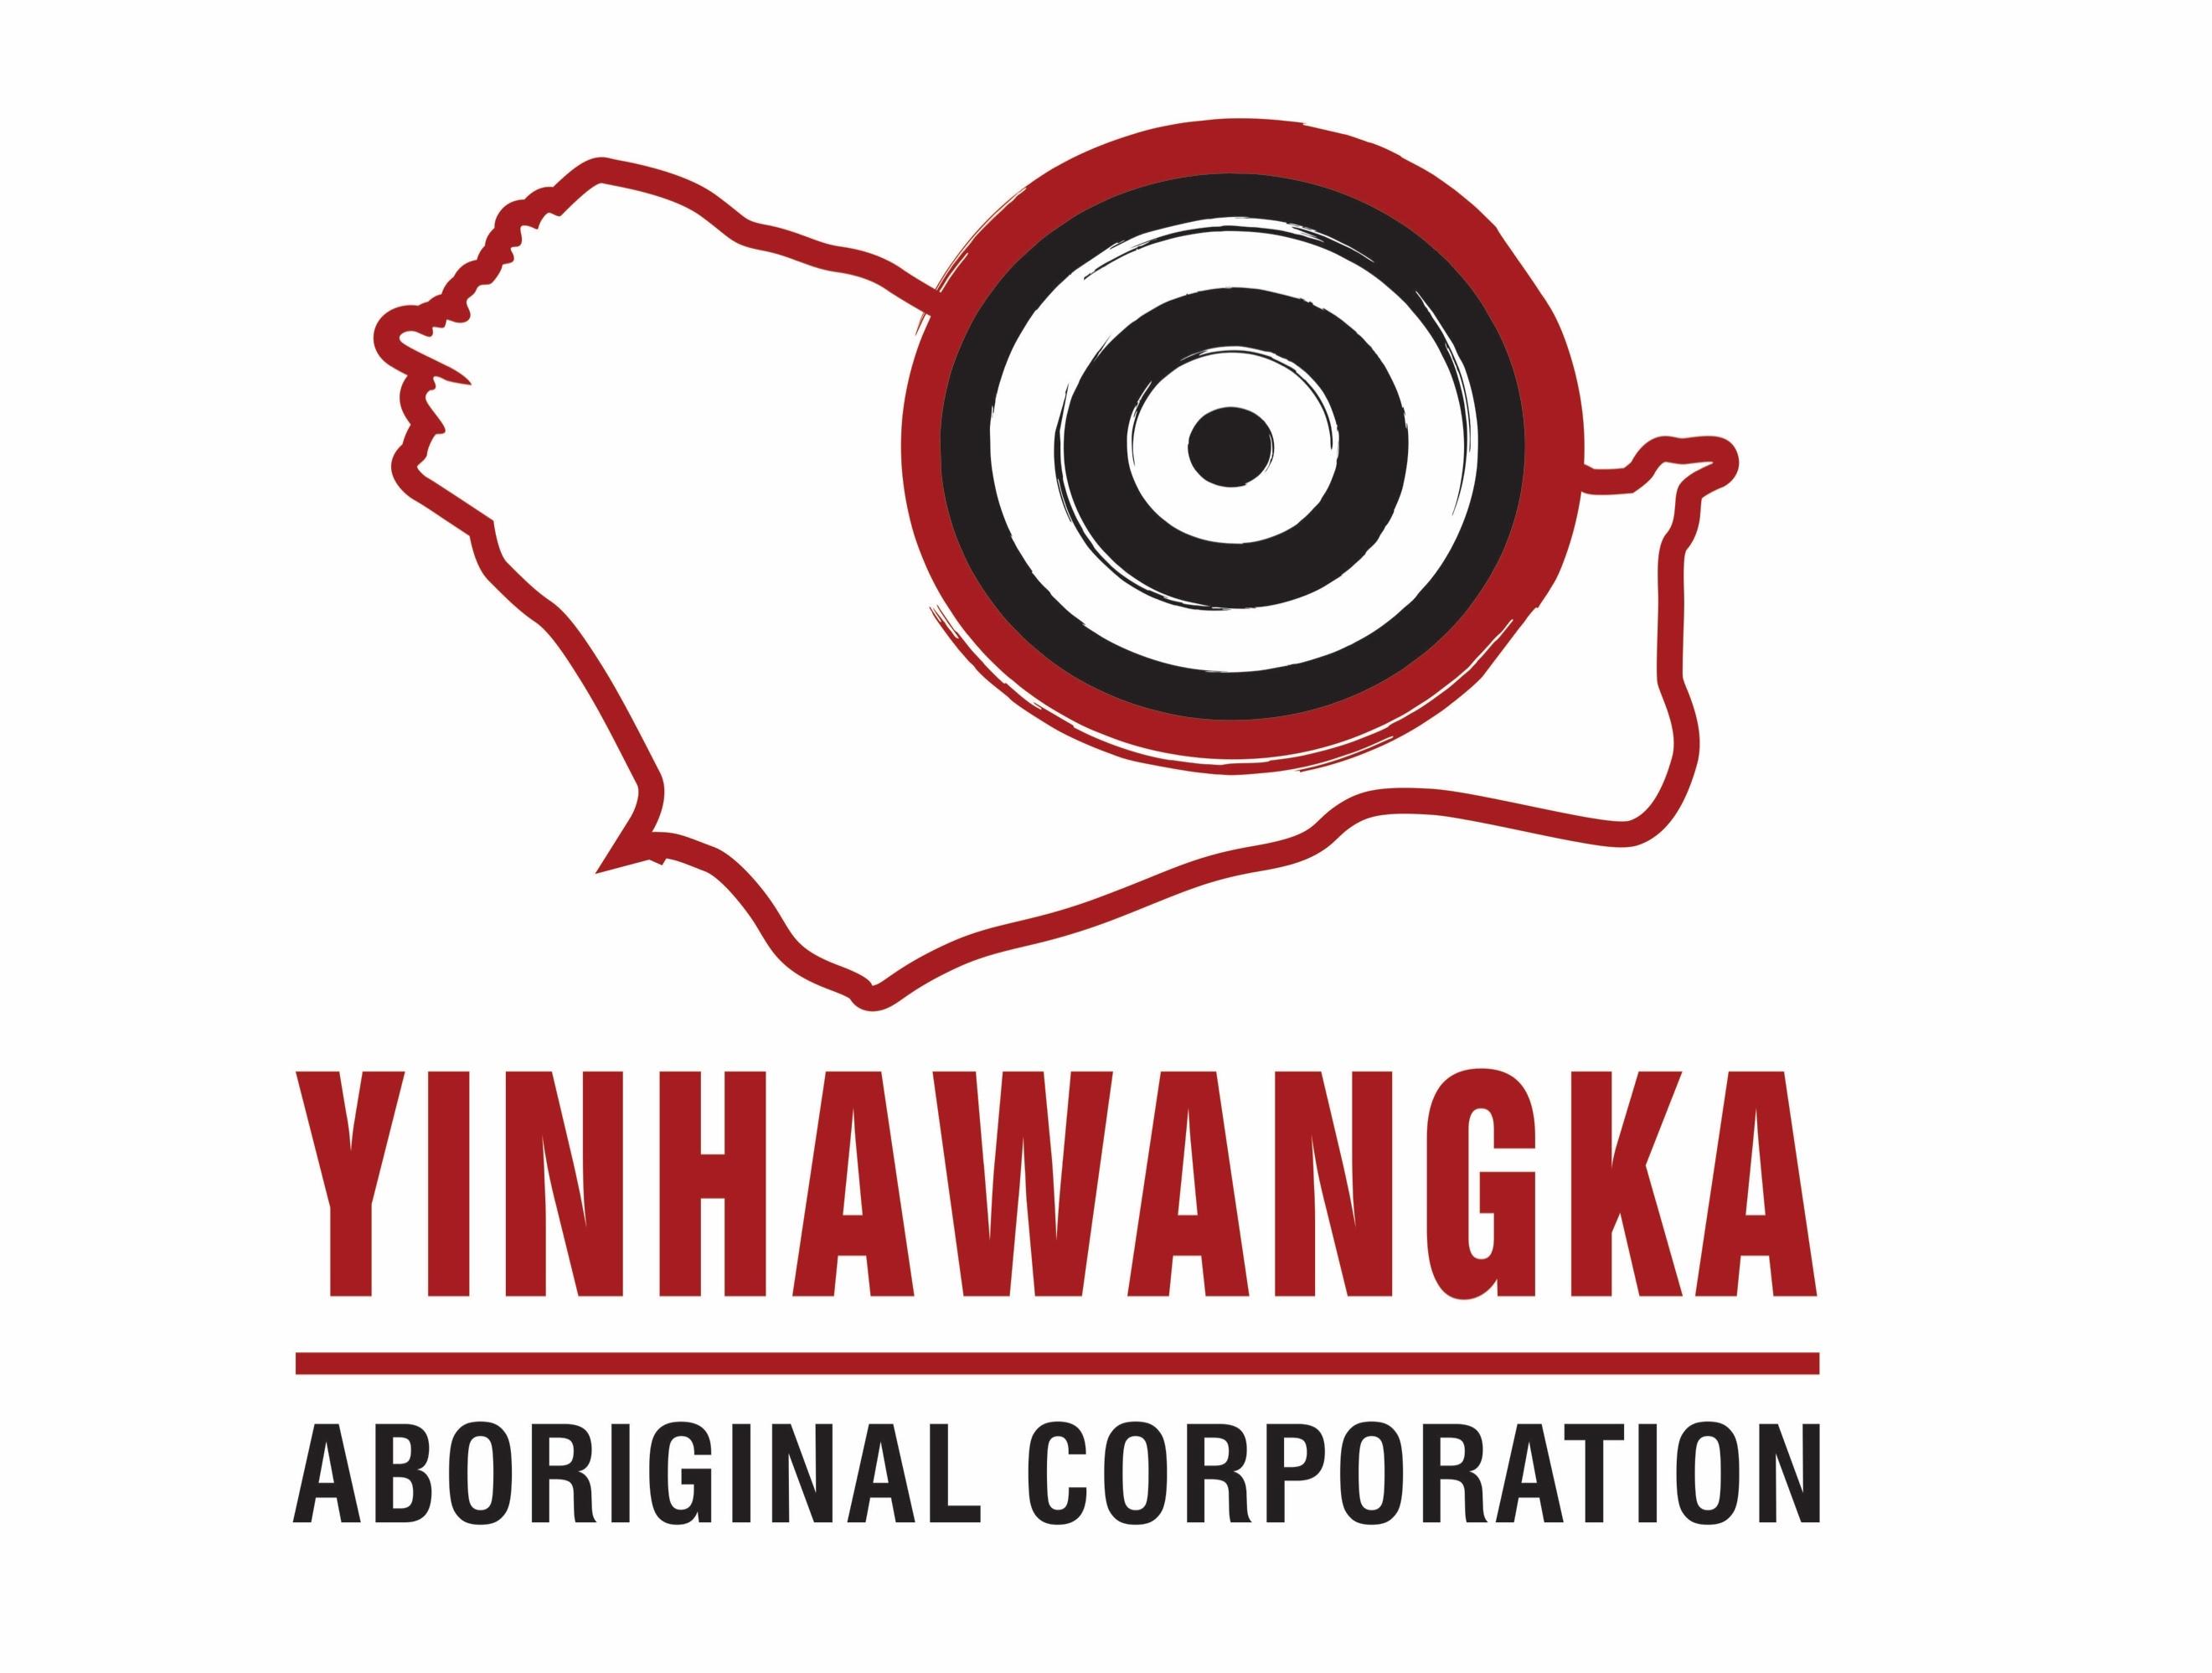 Yinhawangka logo